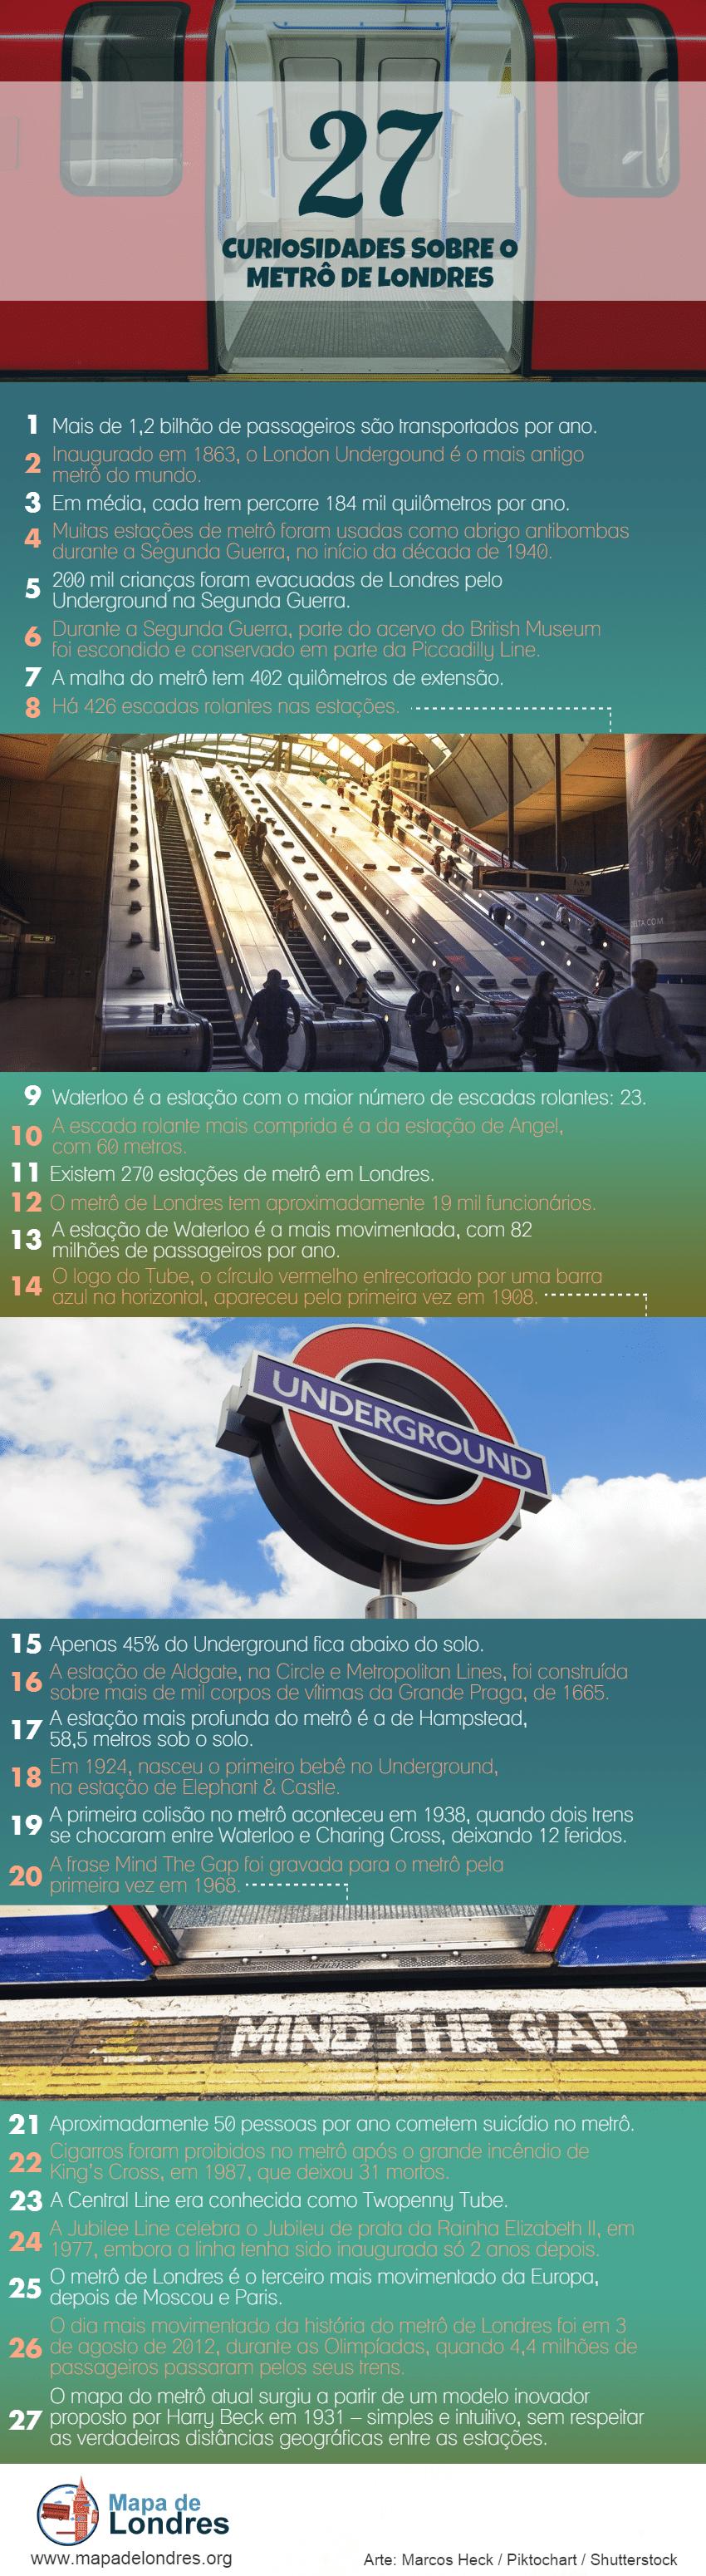 Mapa de Londres - Curiosidades sobre o metrô de Londres